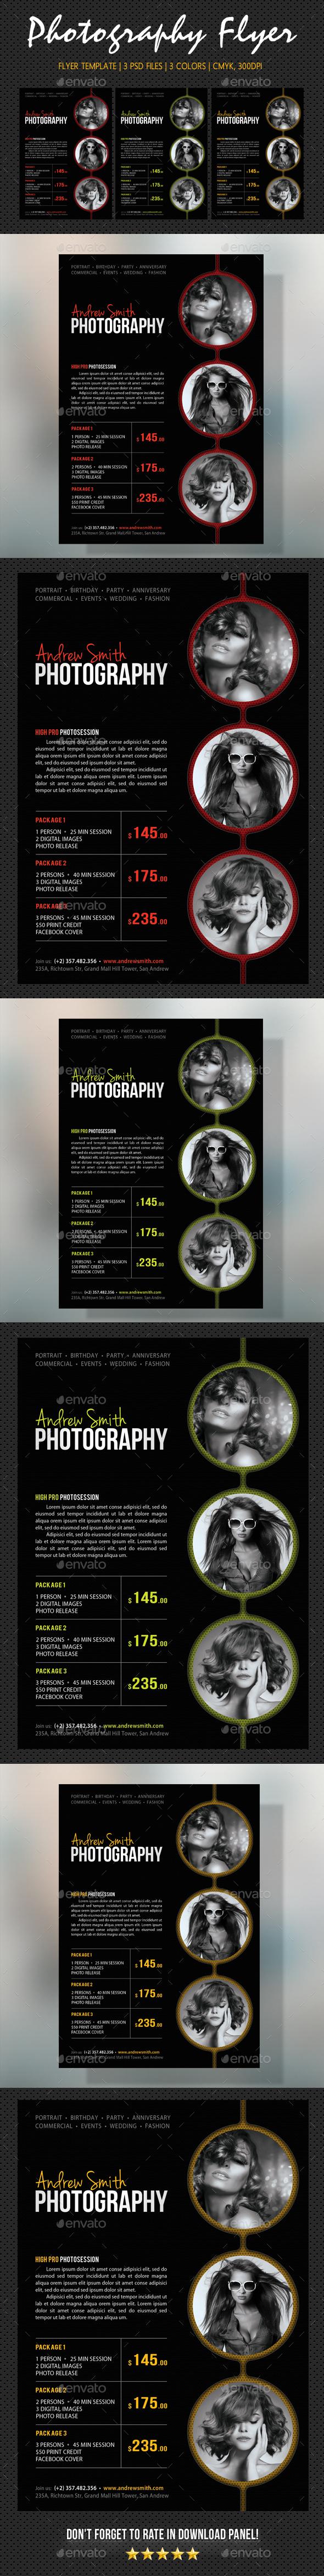 Photography Studio Flyer 23 - Commerce Flyers